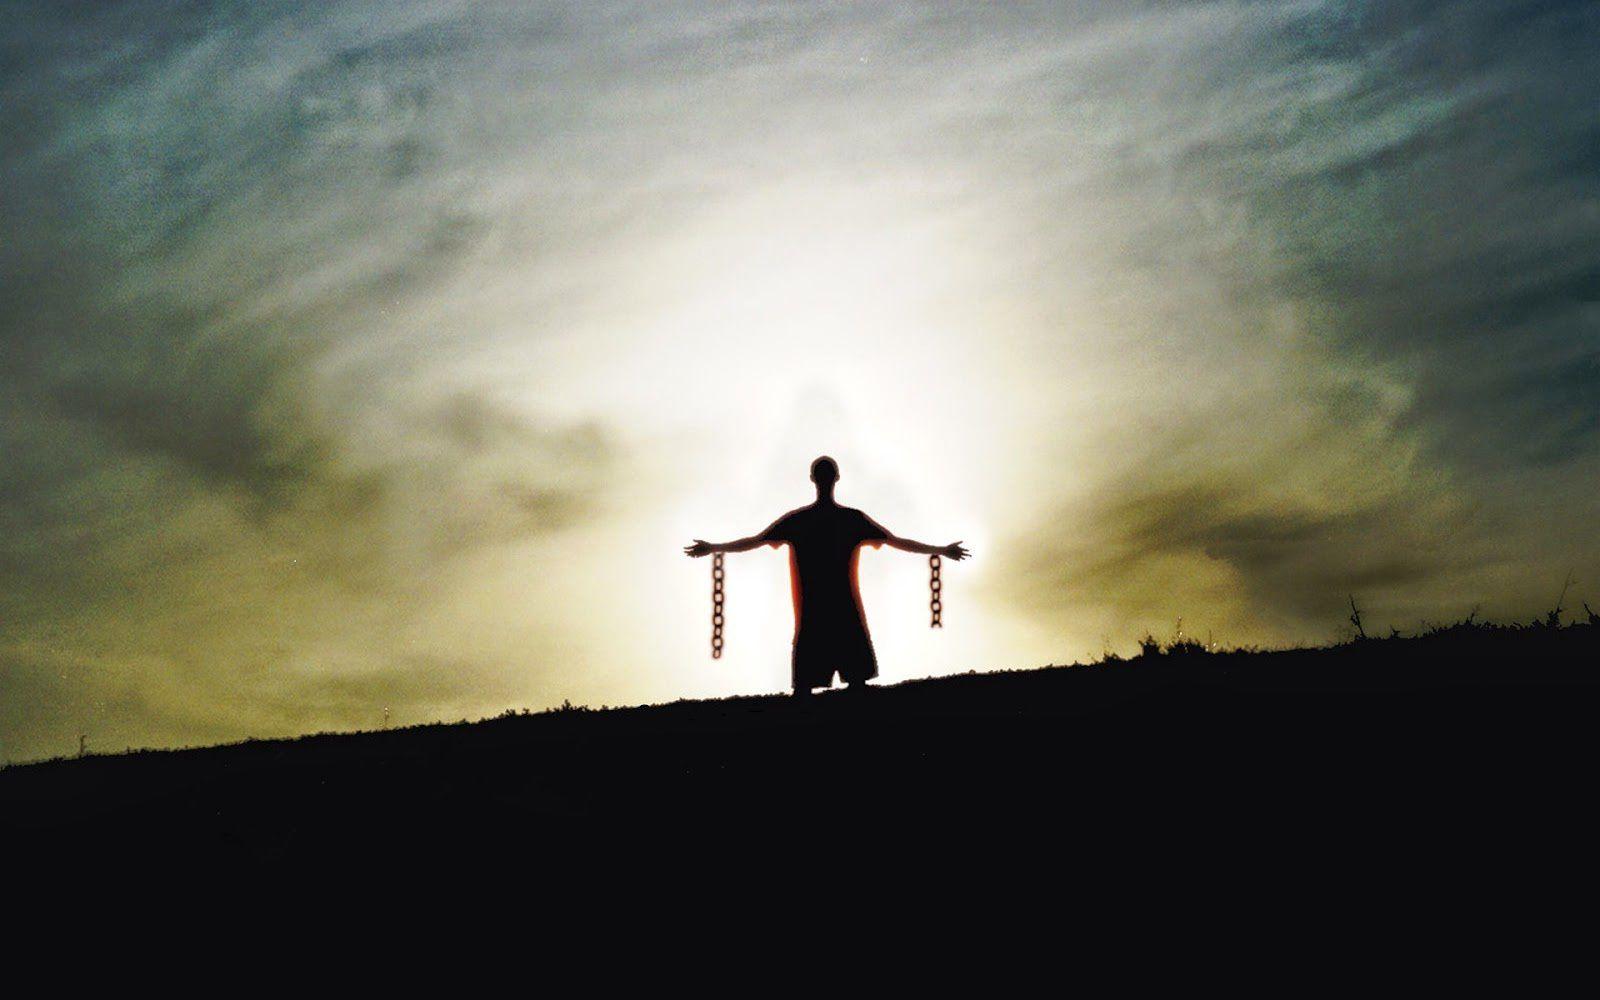 Les fondamentaux 7 : Annuler les malédictions générationnelles